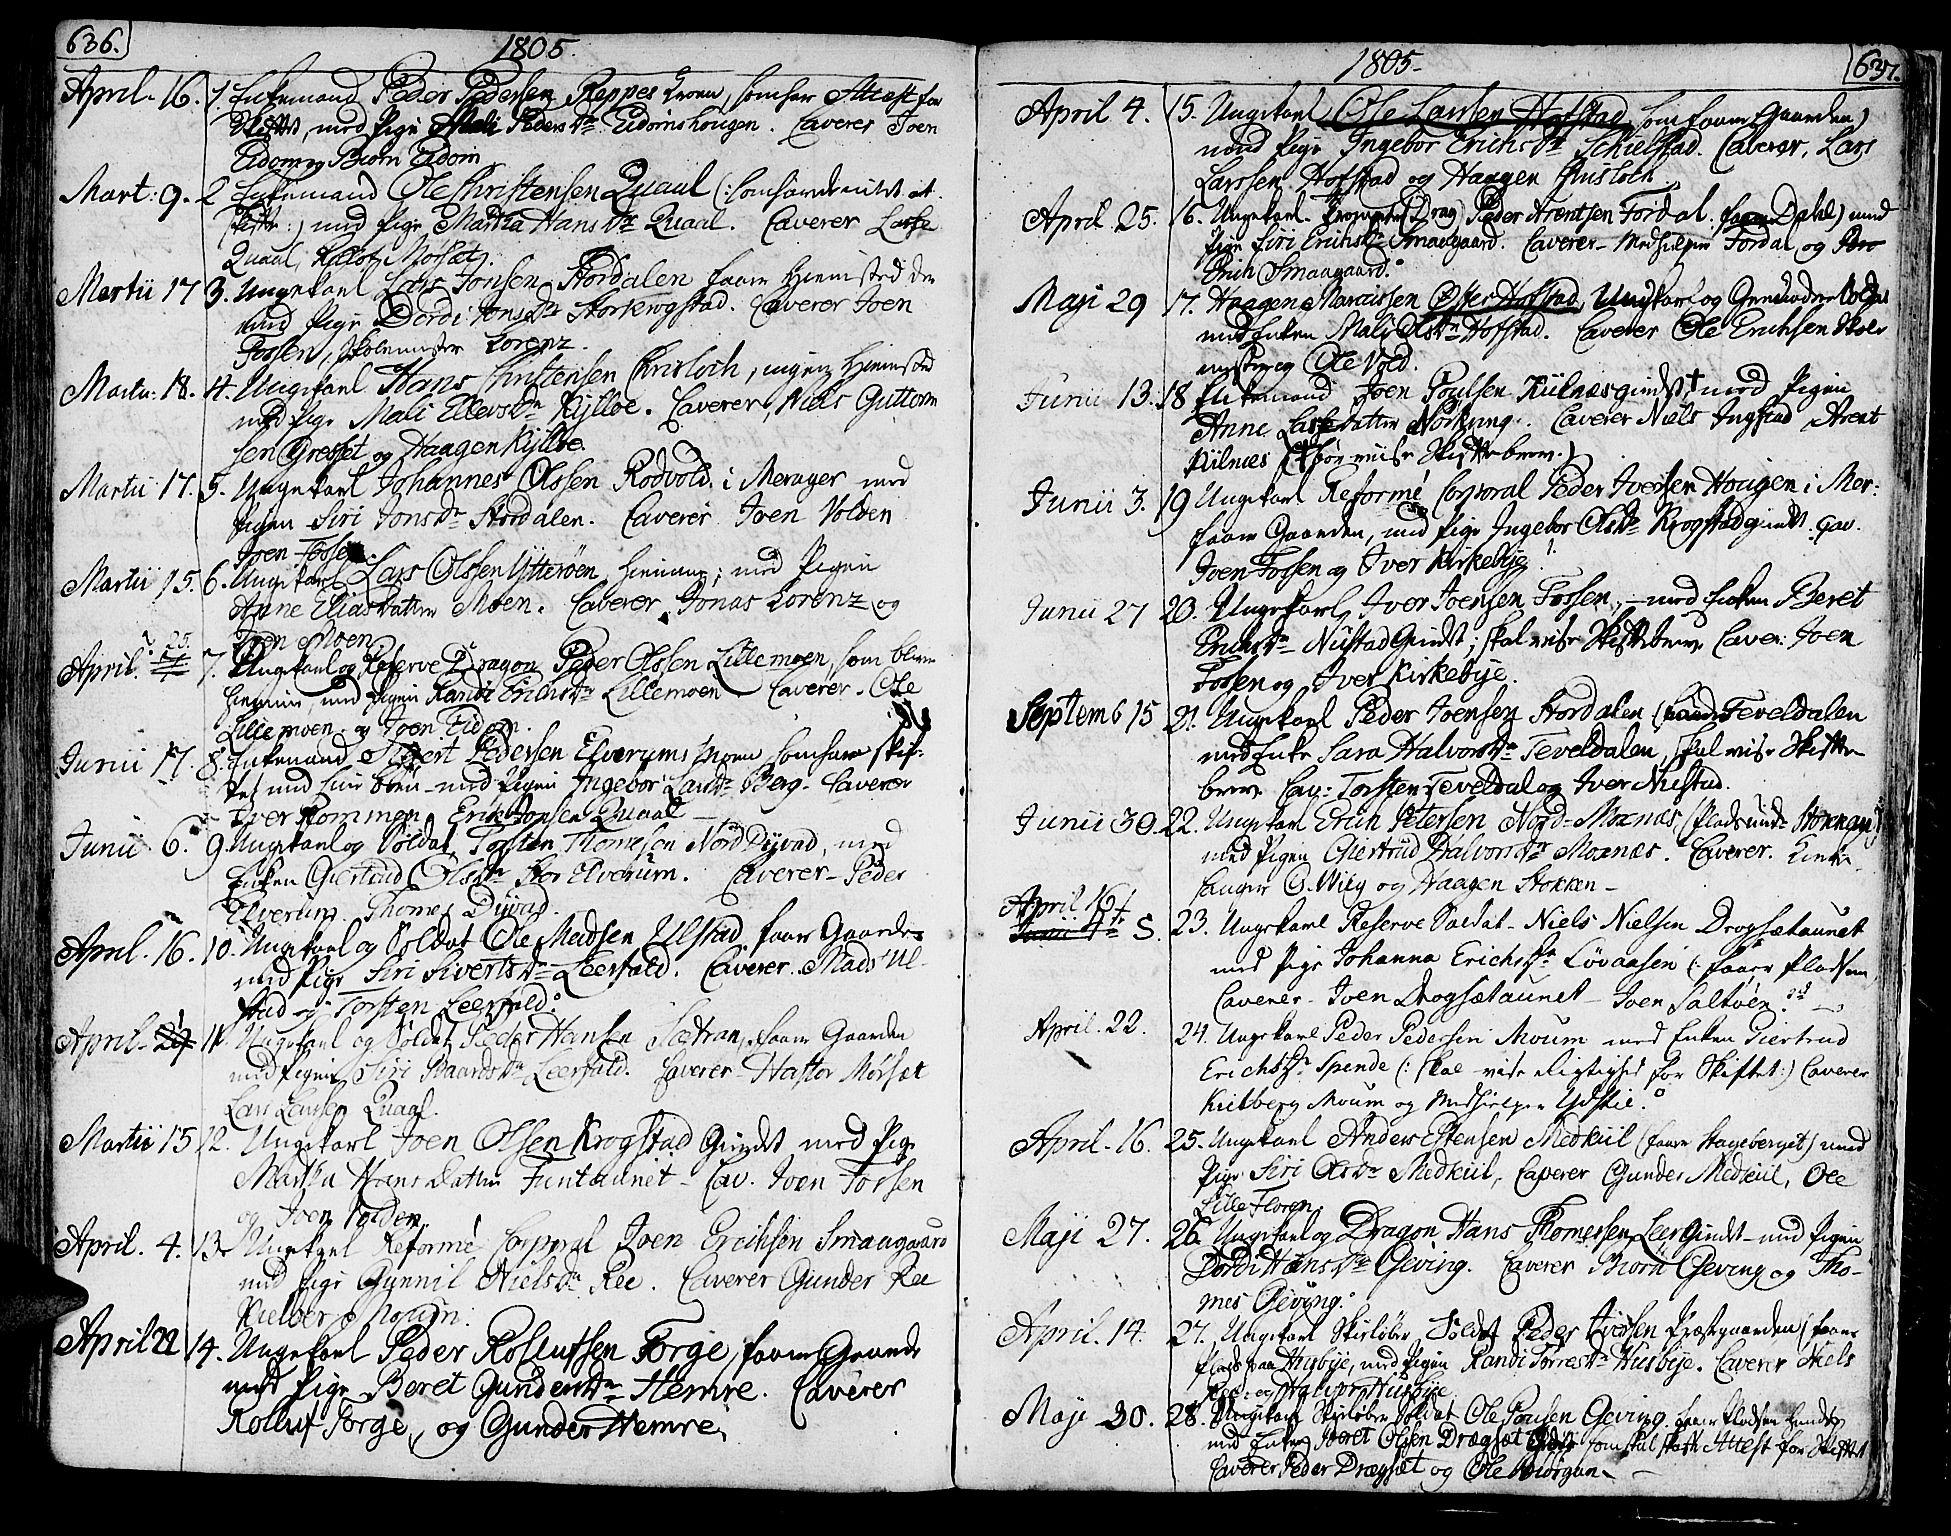 SAT, Ministerialprotokoller, klokkerbøker og fødselsregistre - Nord-Trøndelag, 709/L0060: Ministerialbok nr. 709A07, 1797-1815, s. 636-637